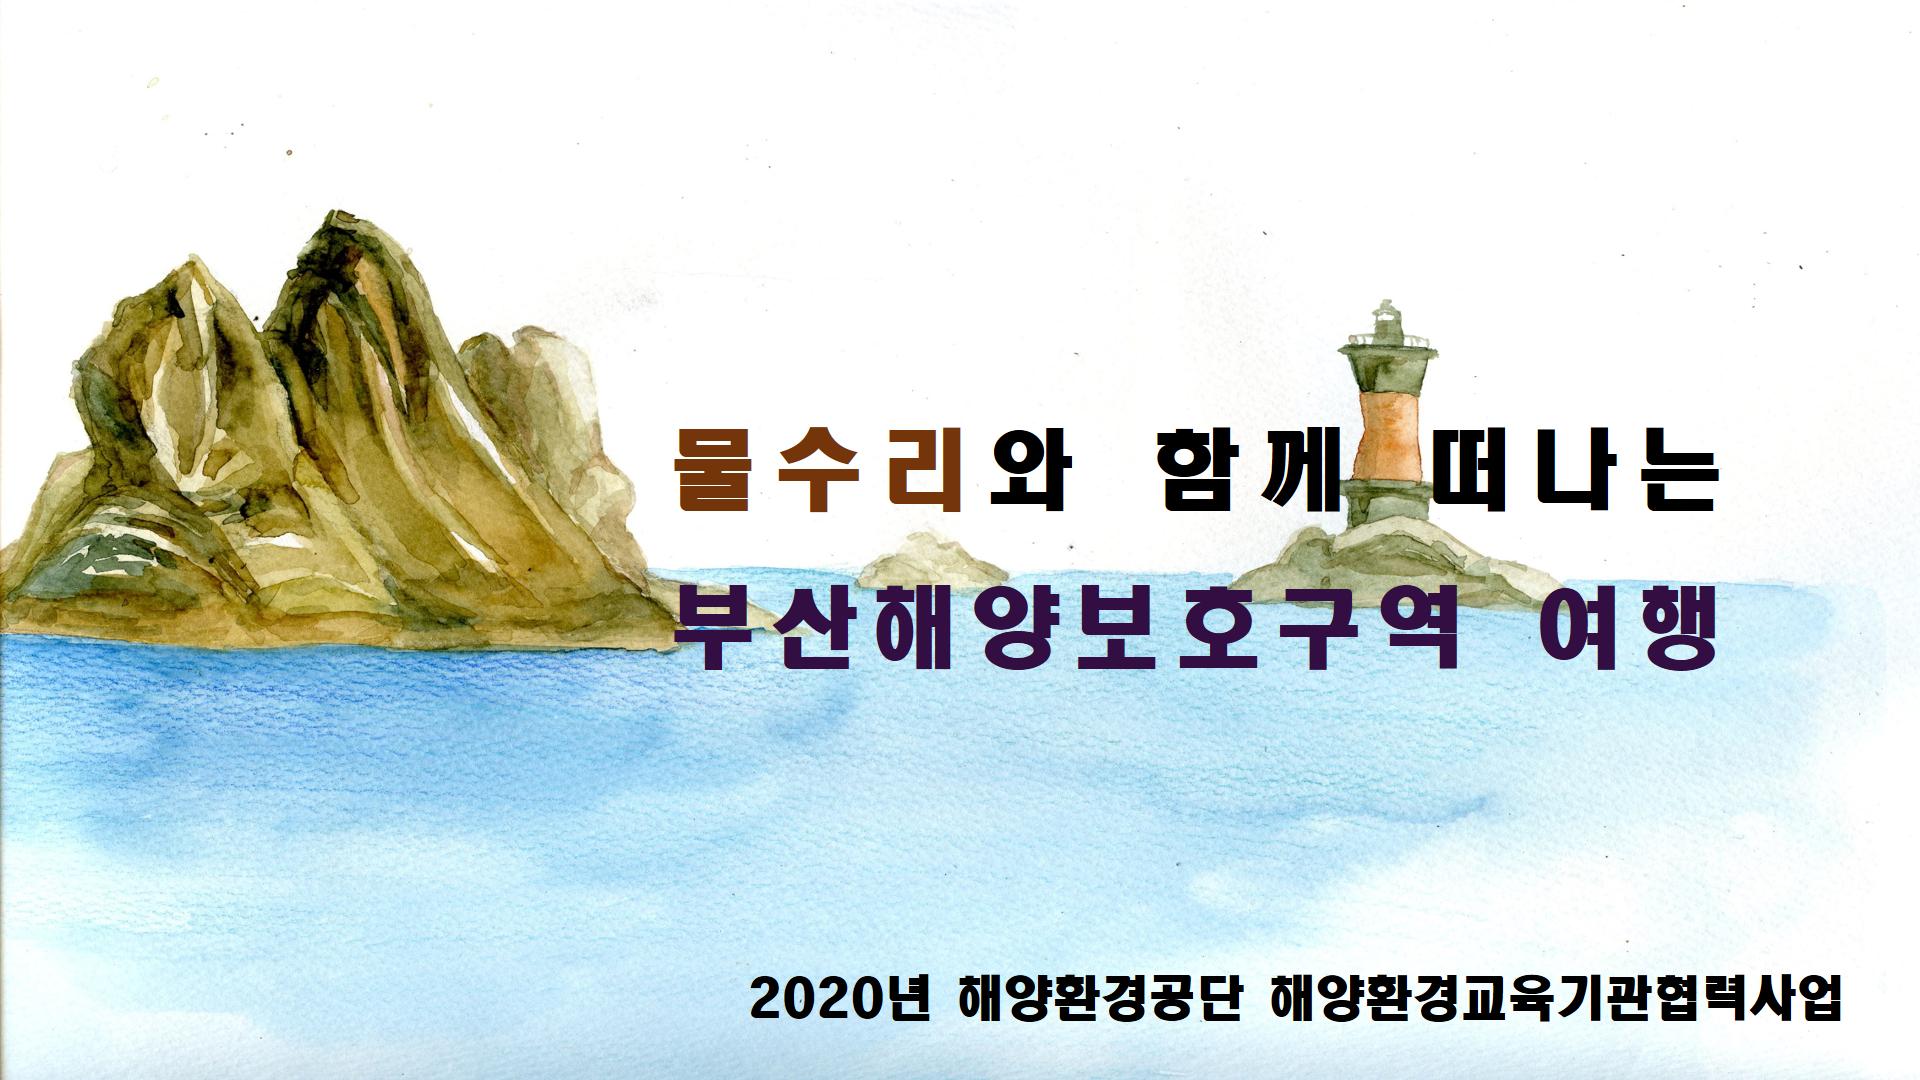 20_코엠사업선정경과공지_사진_홈페이지.png